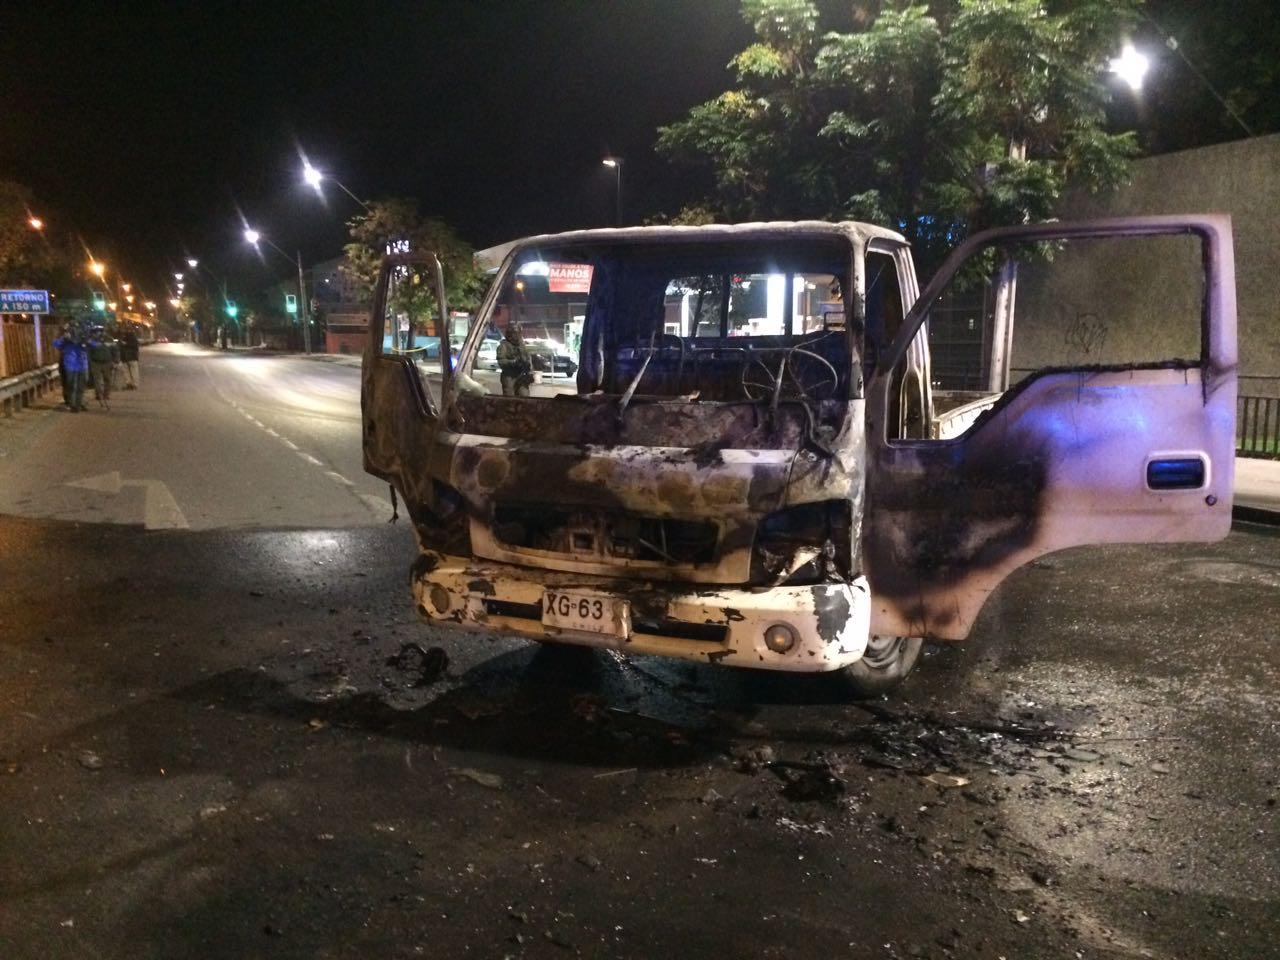 camion-quemado-la-florida